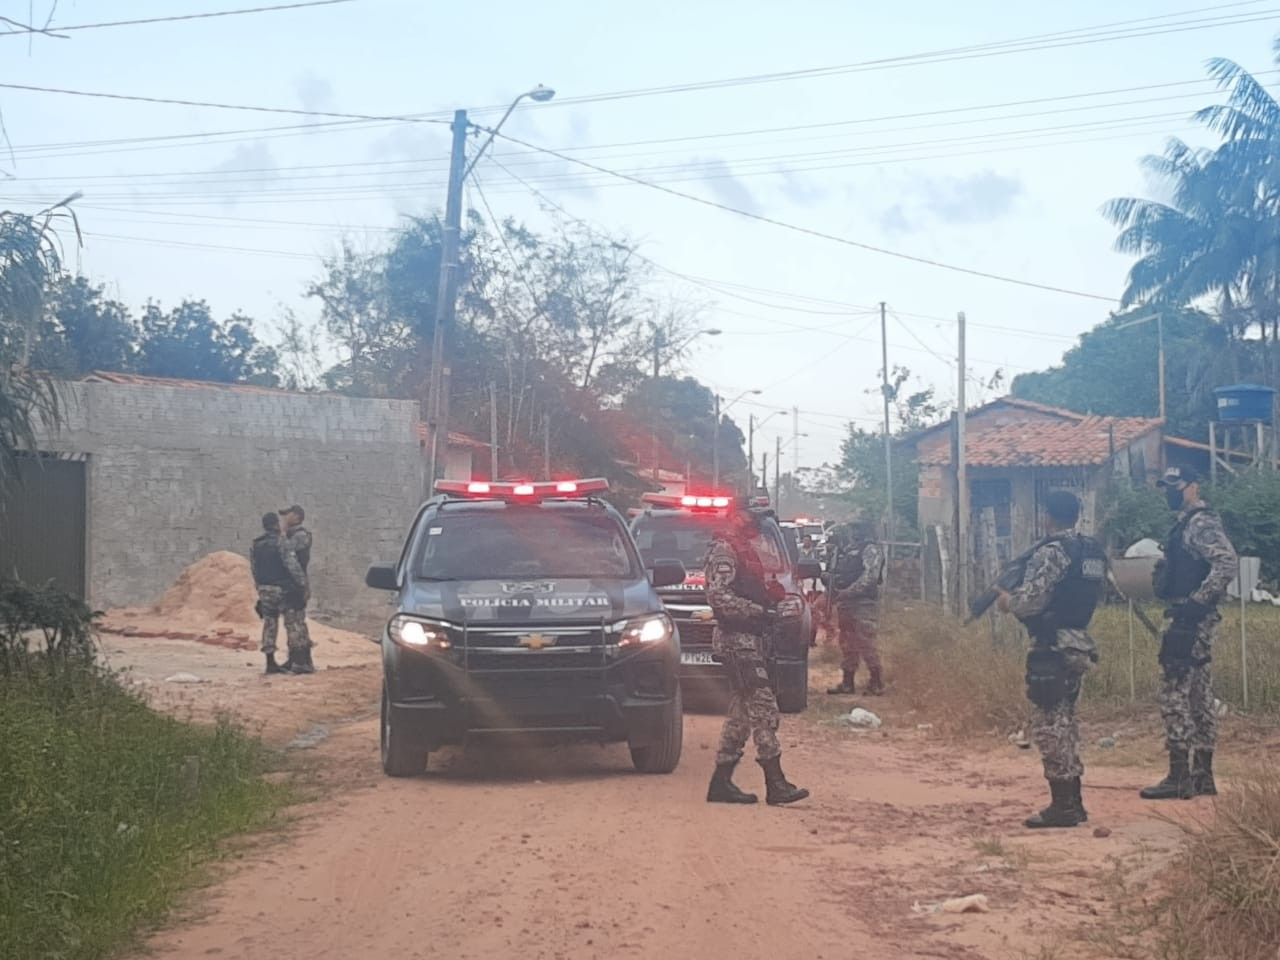 Após onda de violência e mortes, polícia realiza operação 'Ilha Segura' em São Luís